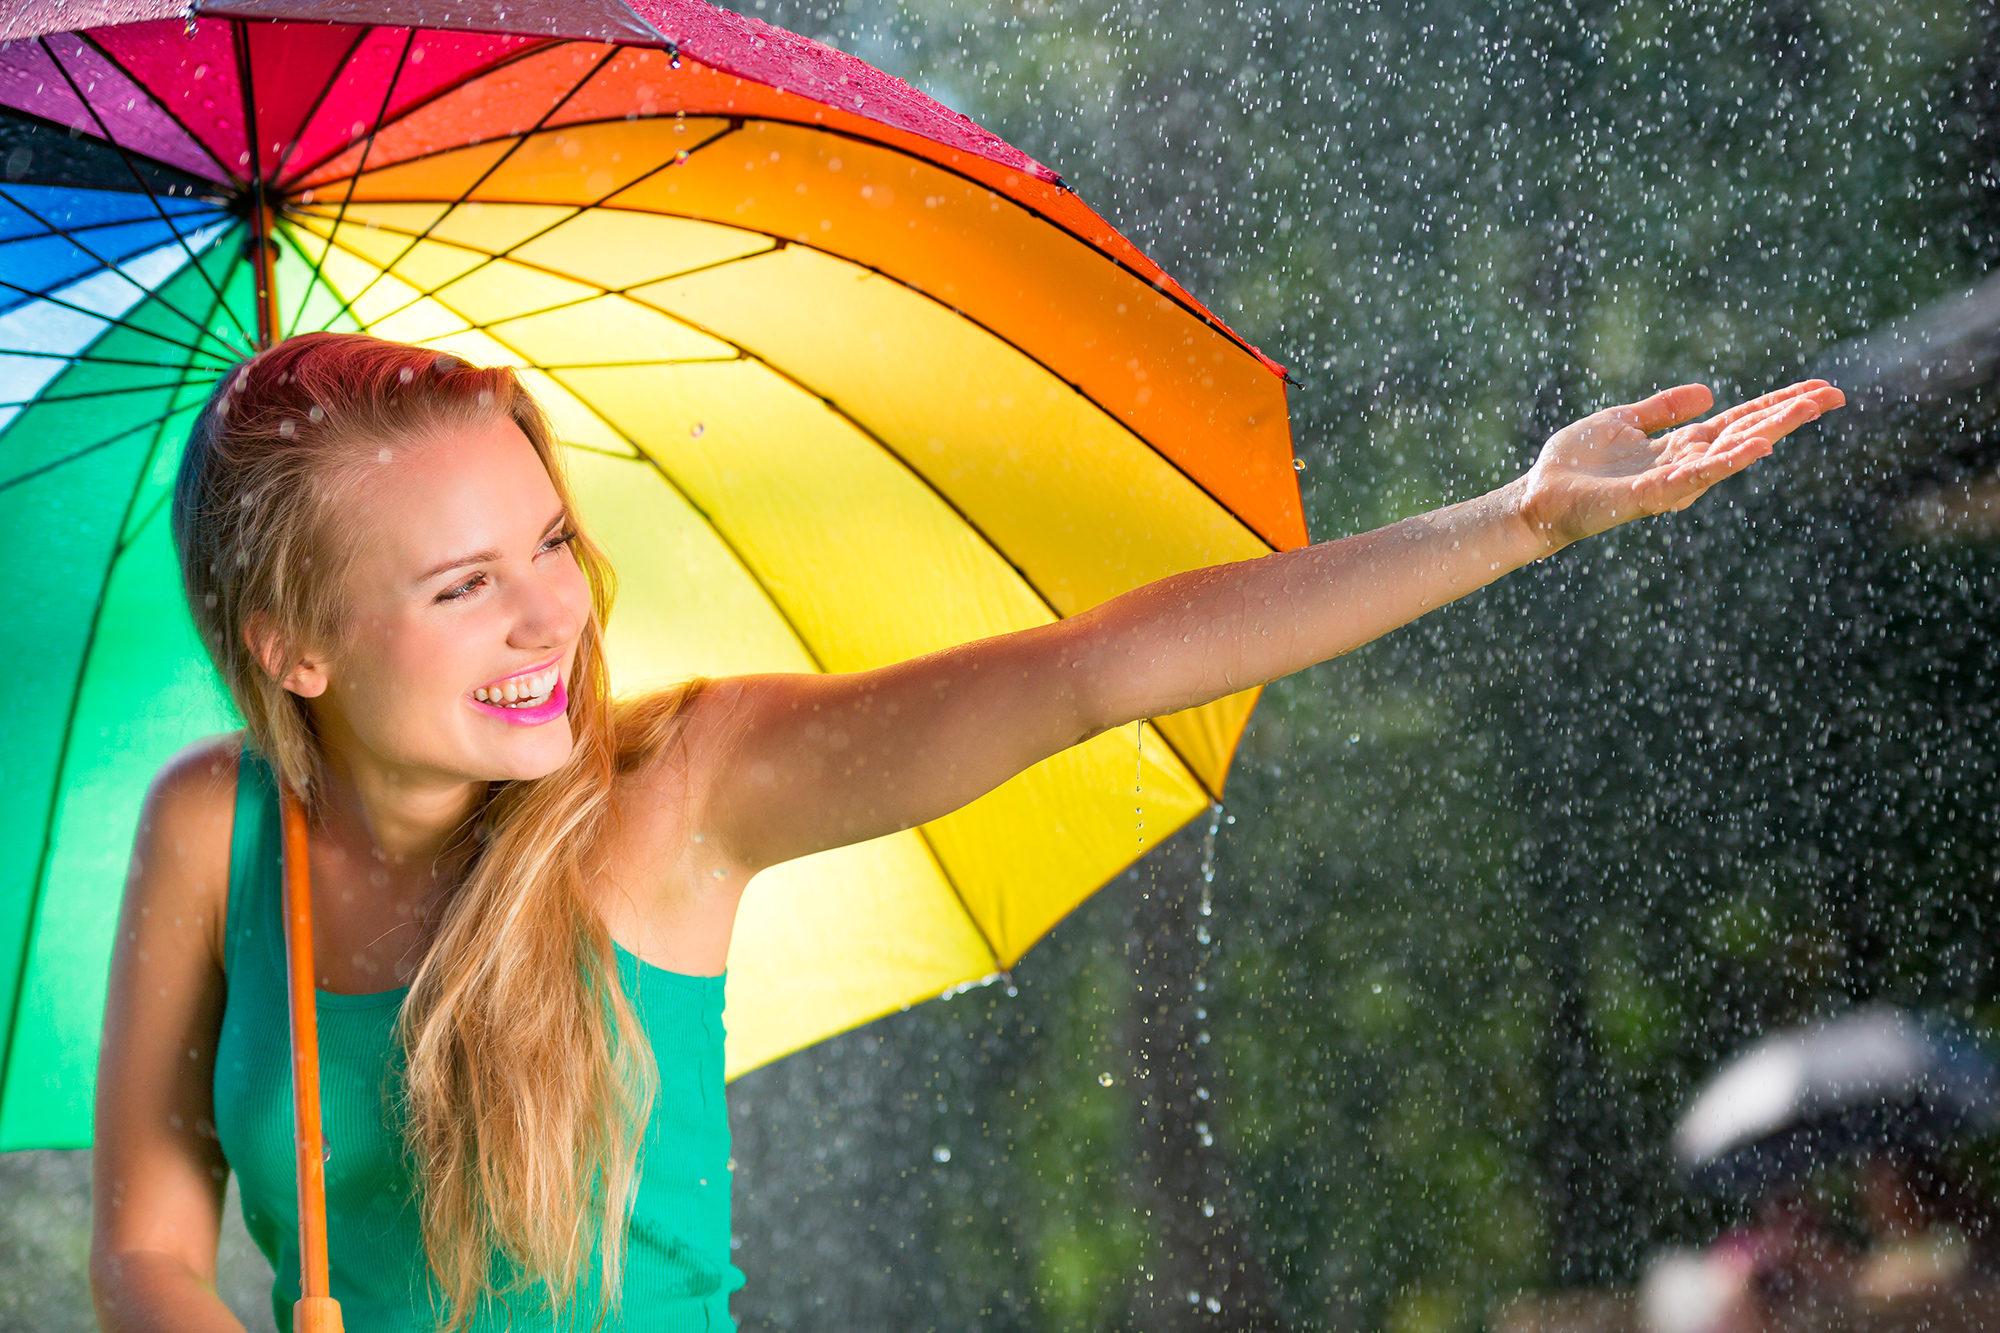 Тепло і дощі: синоптики розповіли, якою буде погода в перші літні вихідні на Київщині - погода на вихідні, погода - 3105 pogoda na vyhodnye1 2000x1333